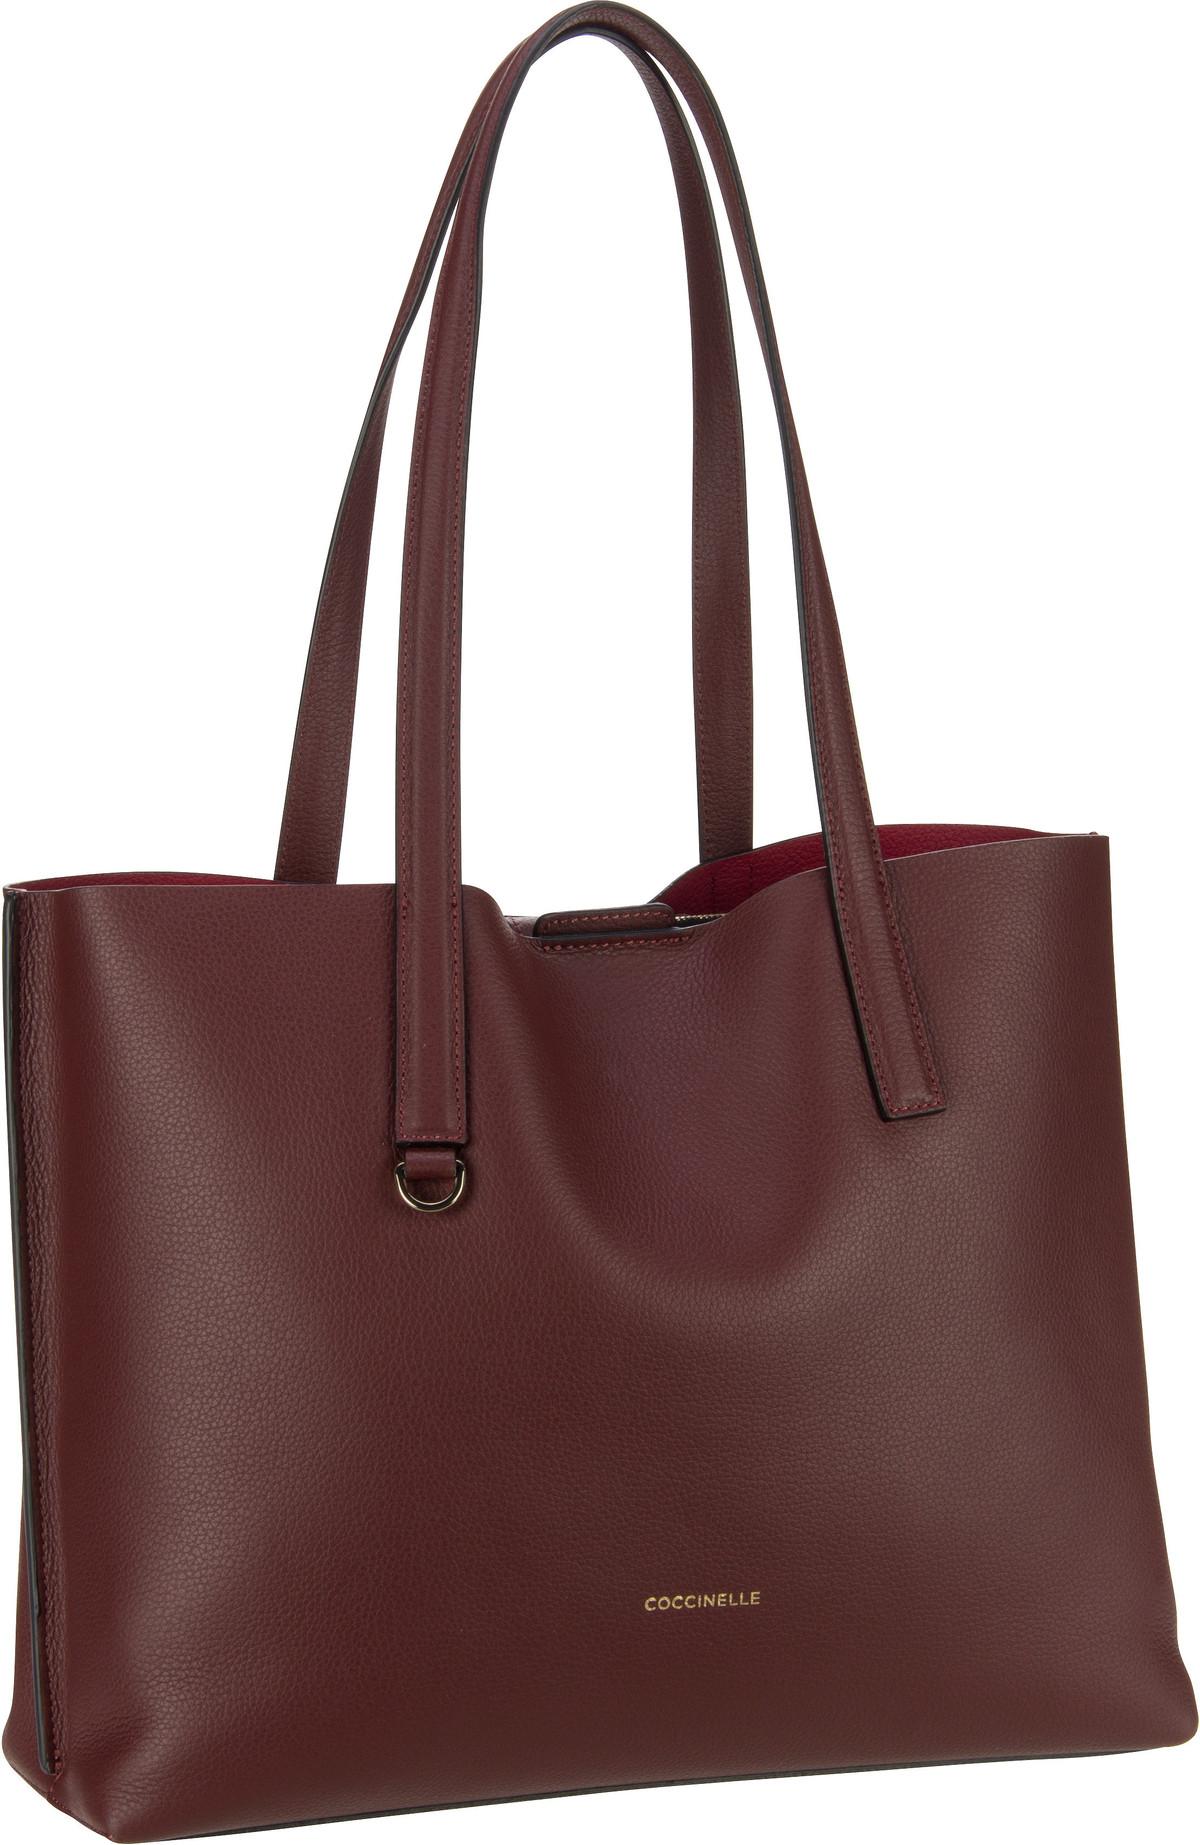 Handtasche Matinee 1101 Marsala/Cherry